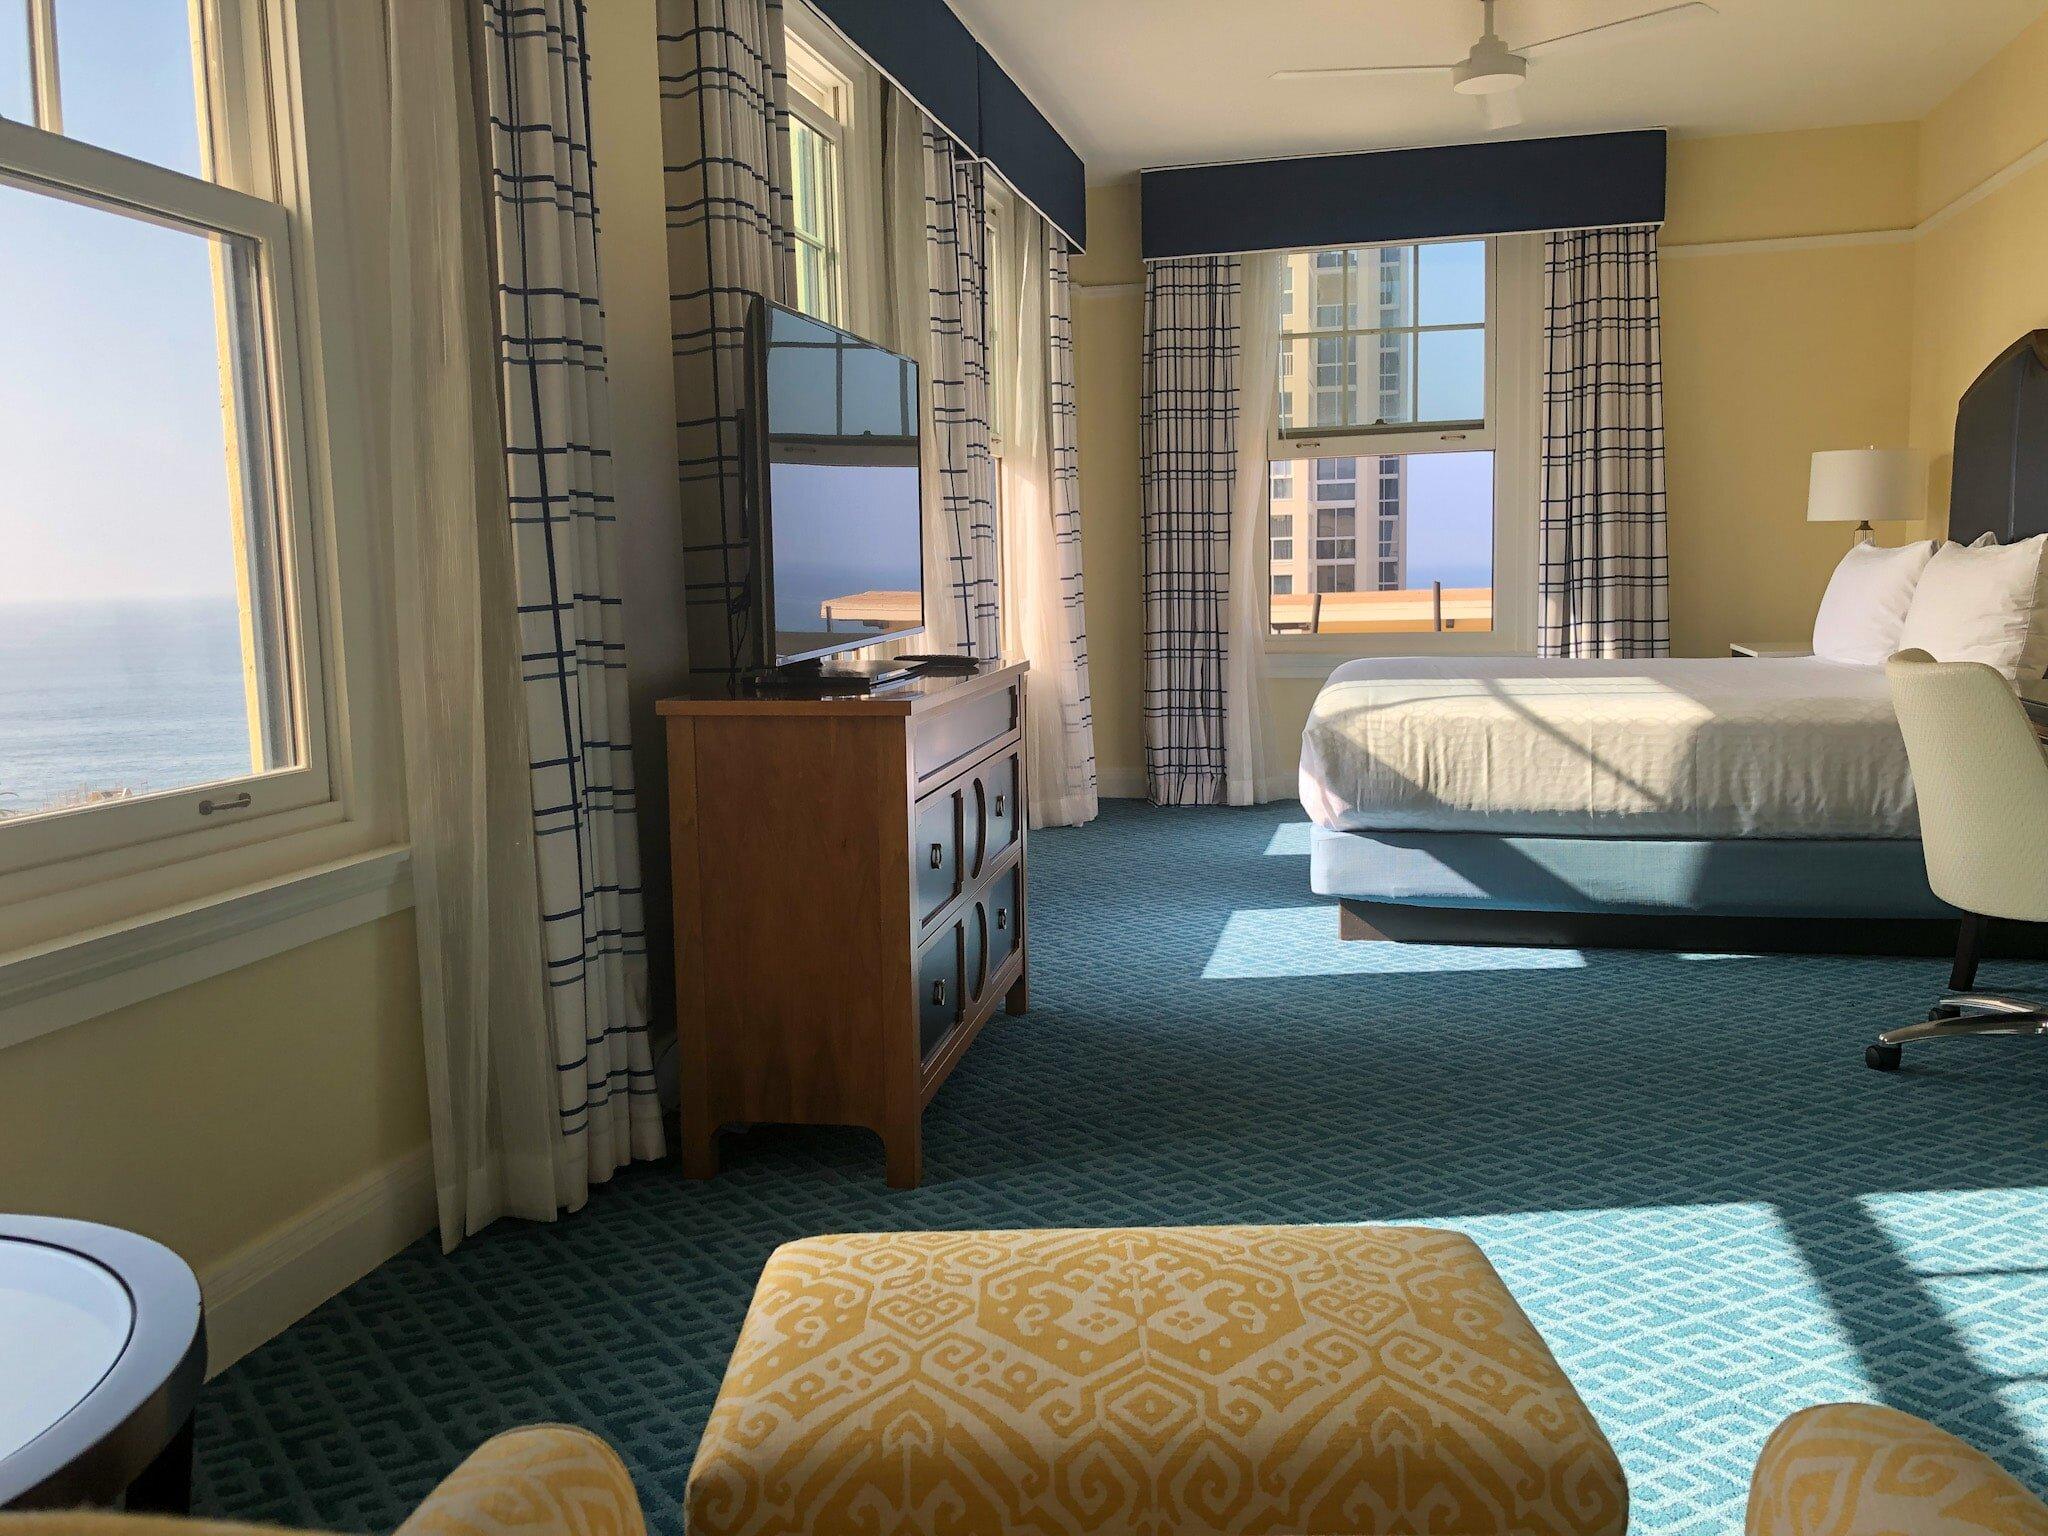 Ocean view room at Grande Colonial Hotel in La Jolla